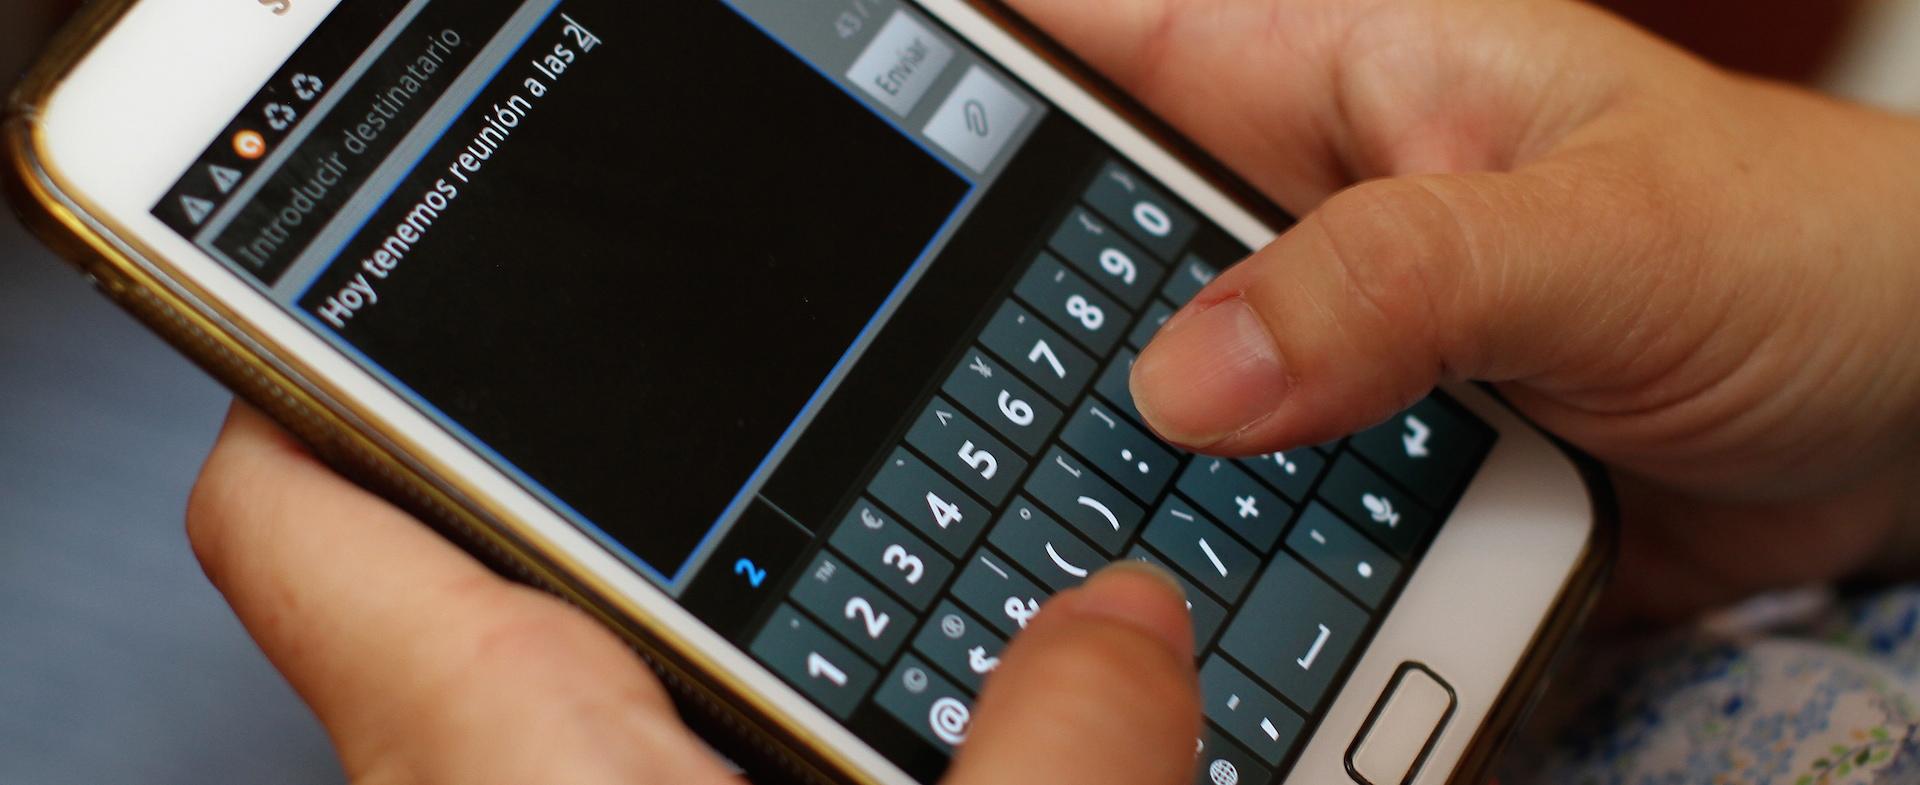 Reporte a su operador el robo de su celular